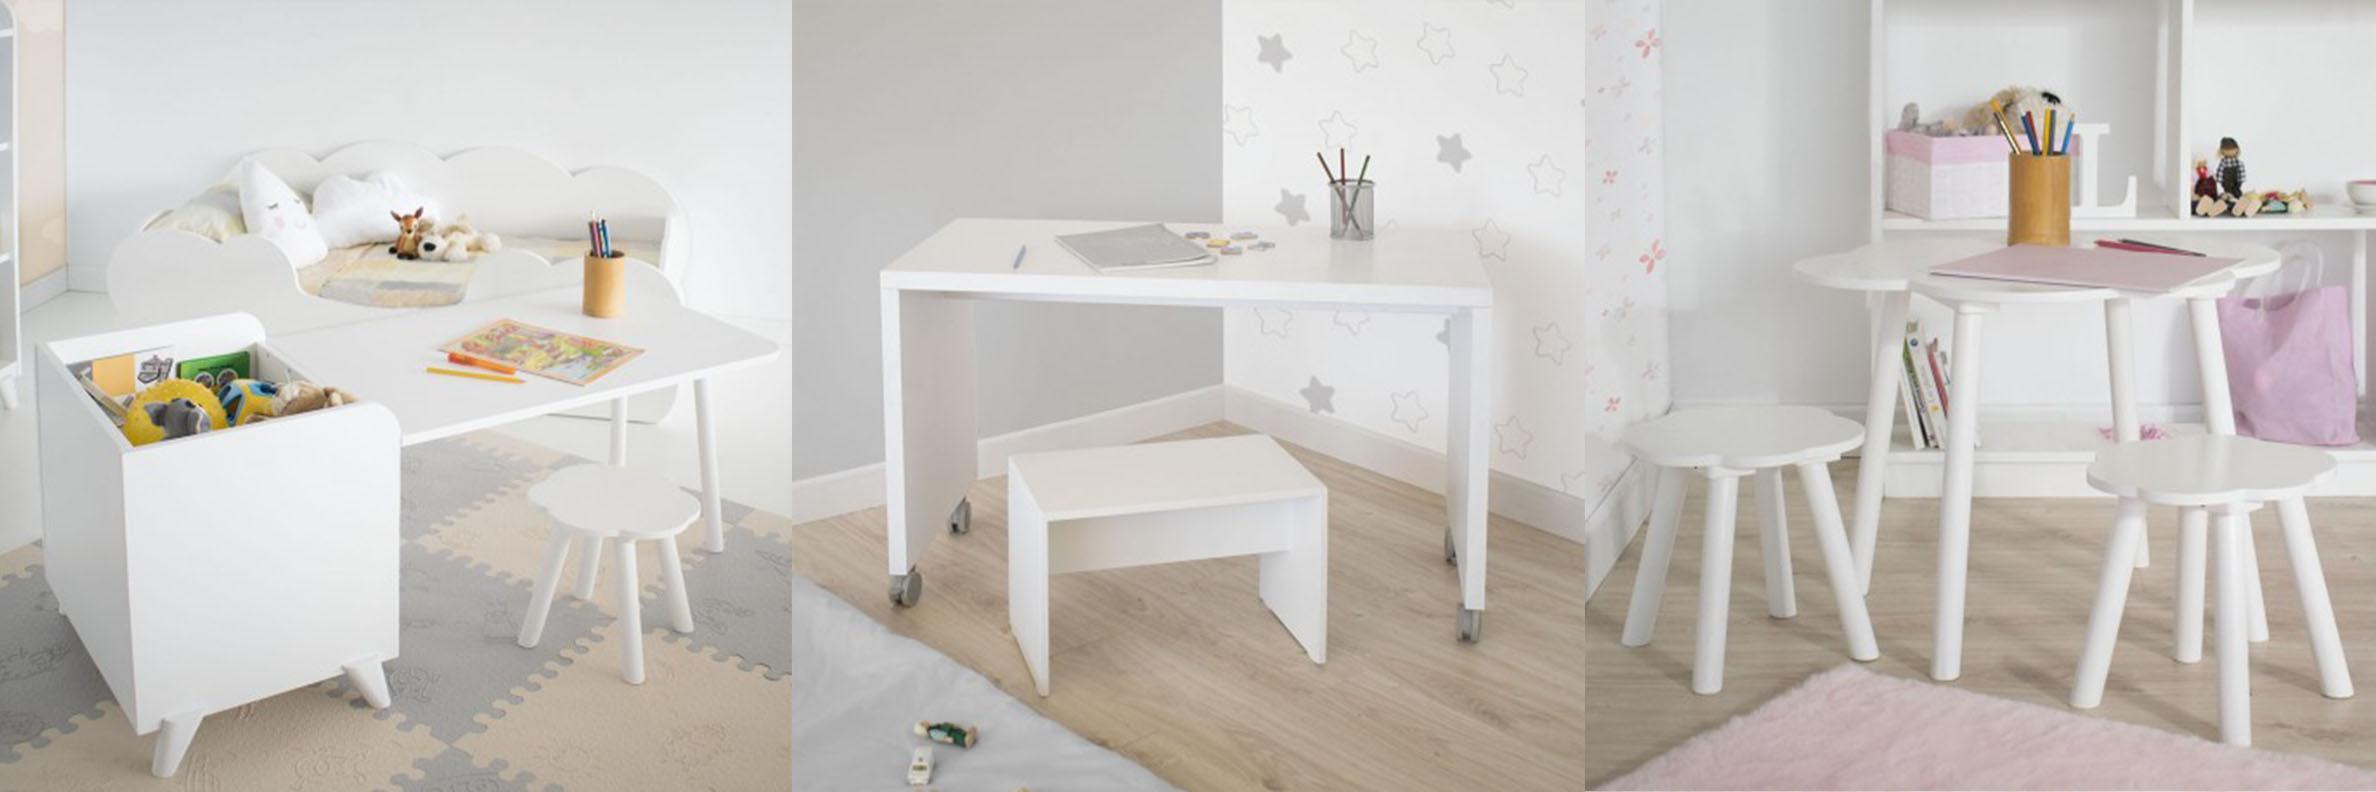 Mesas y sillas Montessori Bainba